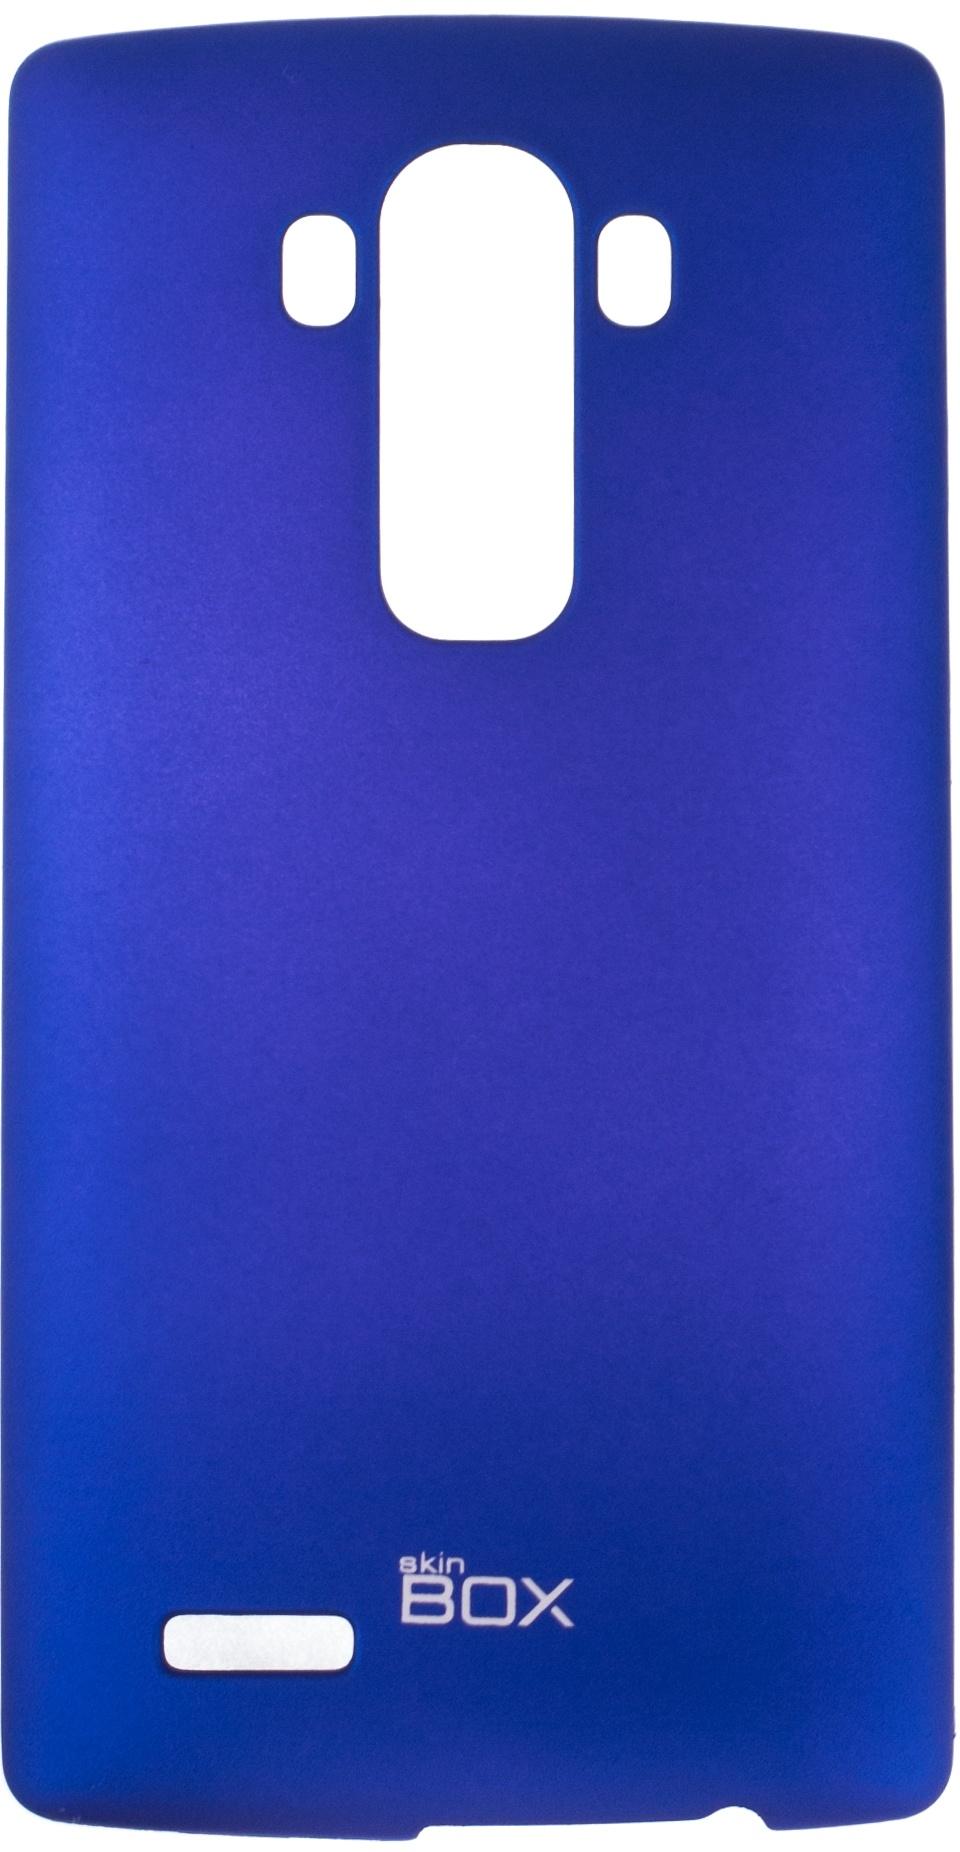 Чехол для сотового телефона skinBOX 4People, 4630042525108, синий стоимость